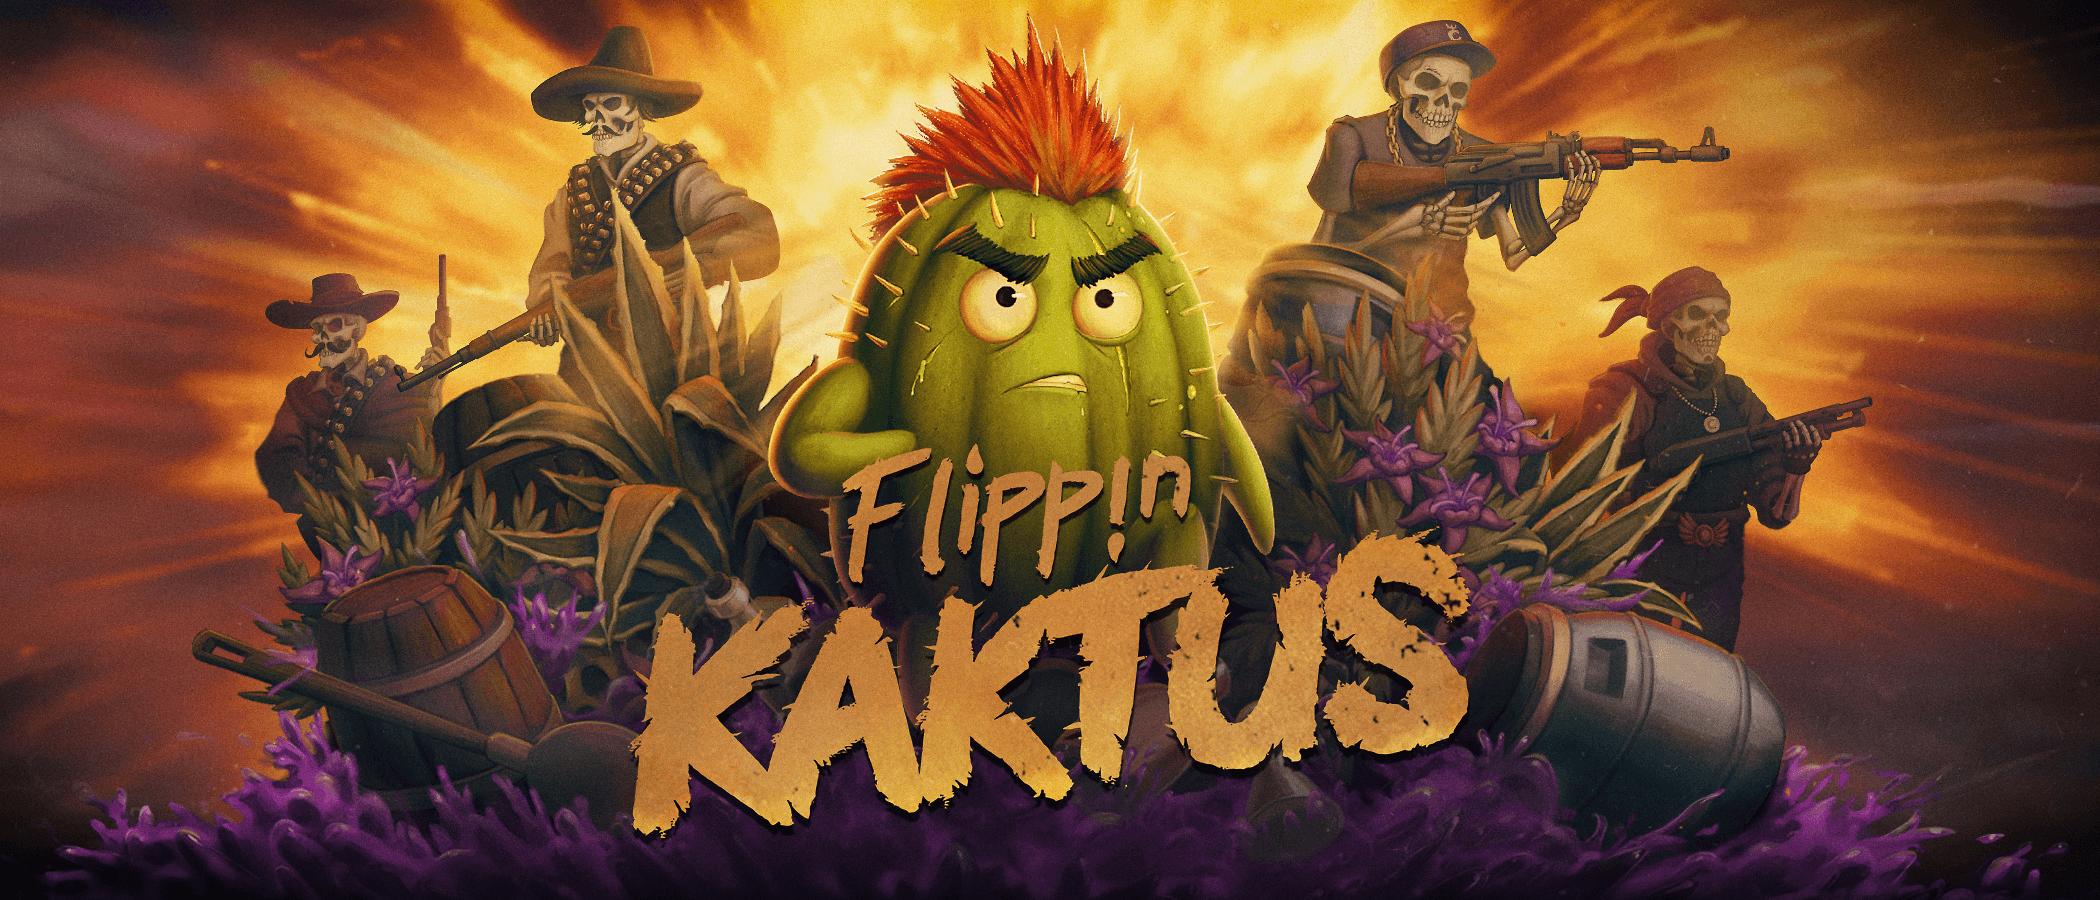 Flippin Kaktus Demo